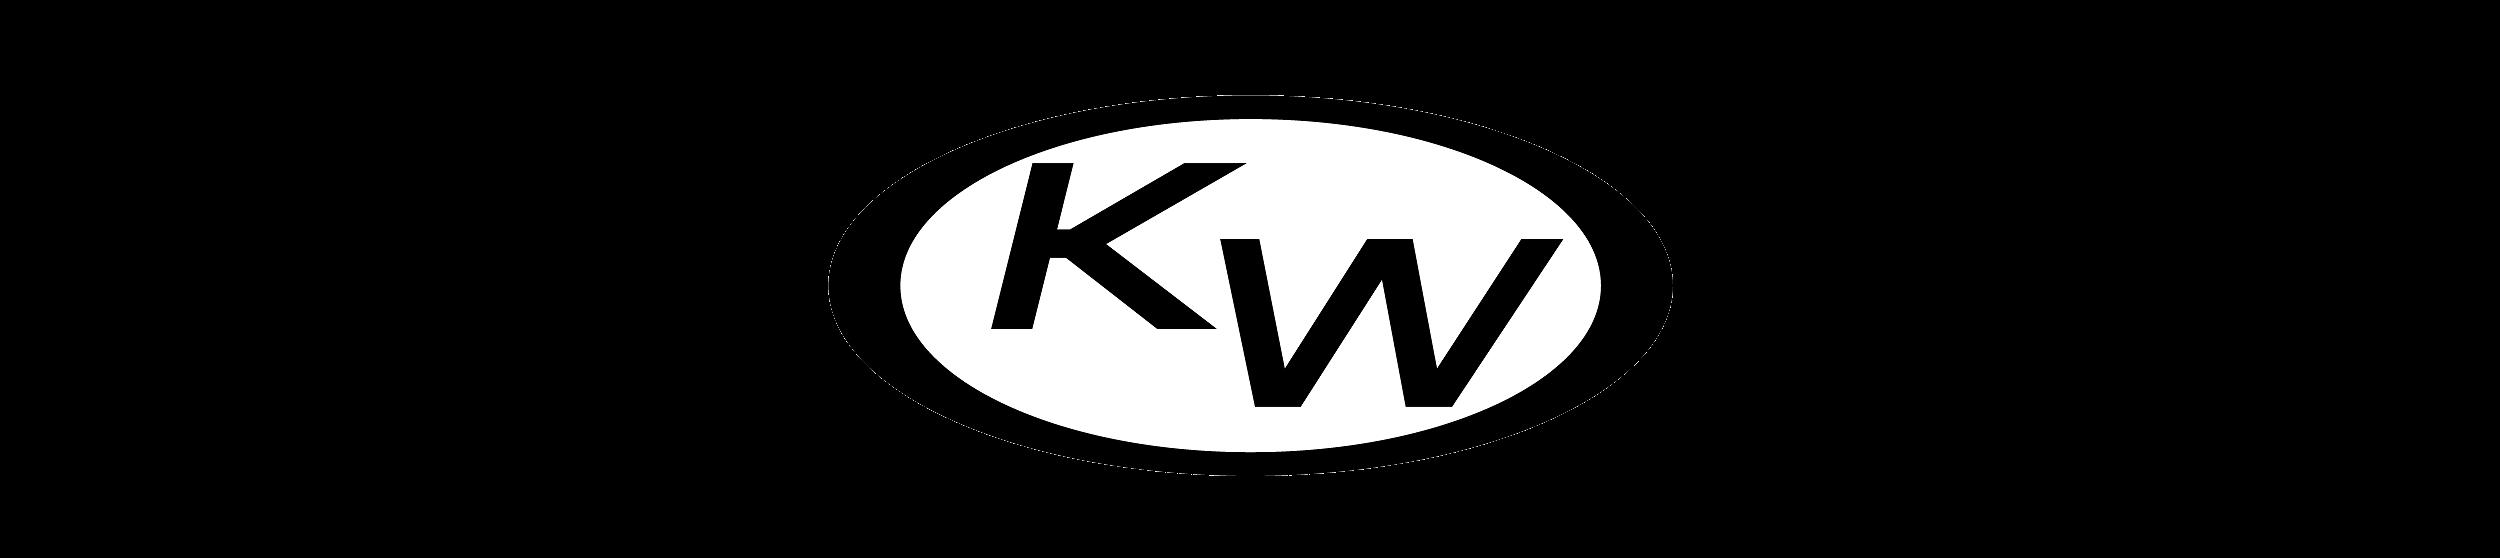 Marketplace - KEY WEST BOATS FORUM